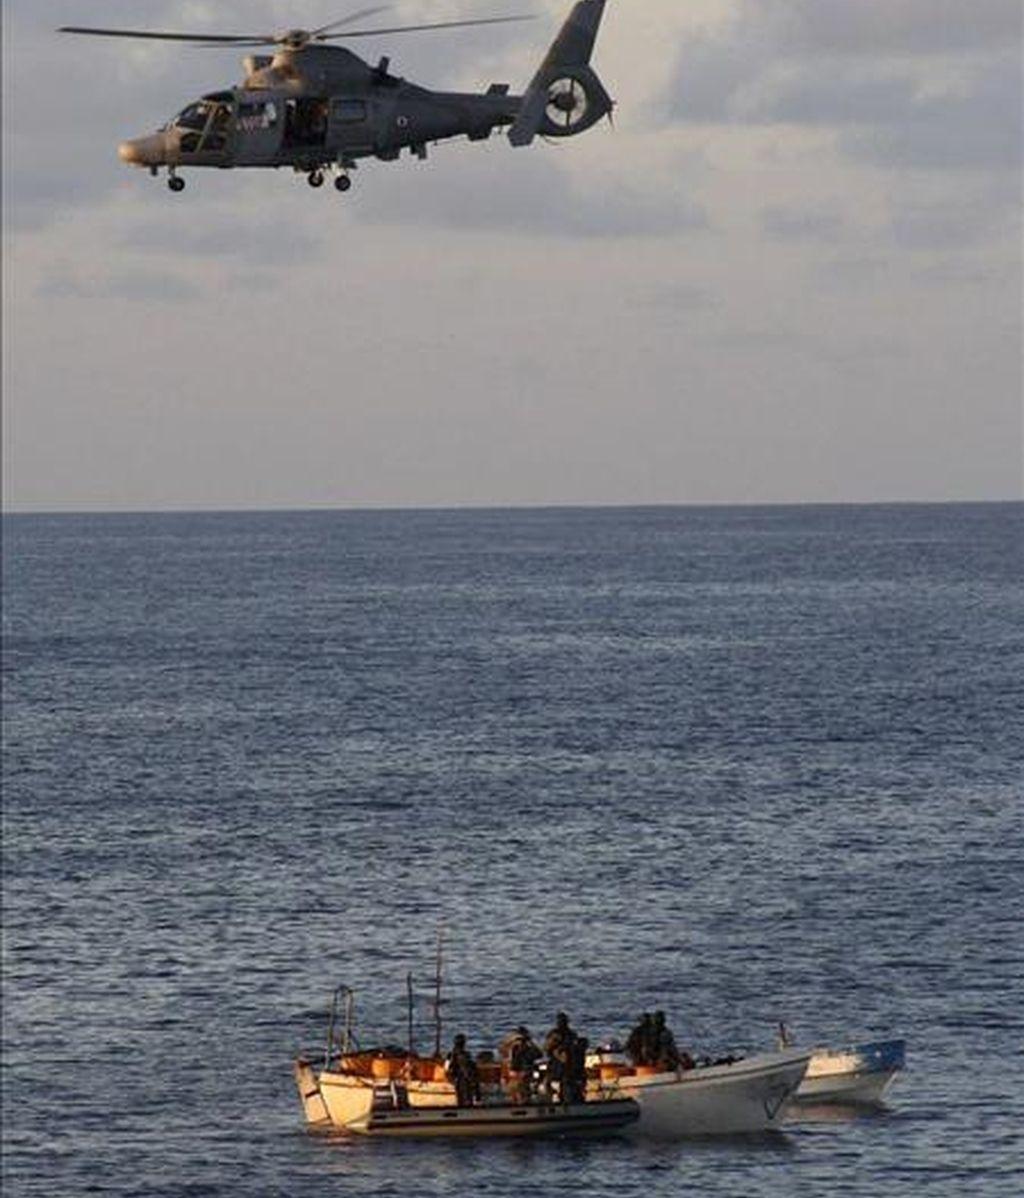 """Fuerzas navales de la operación """"Atalanta"""", desplegadas en la zona para evitar la piratería. EFE/Archivo"""